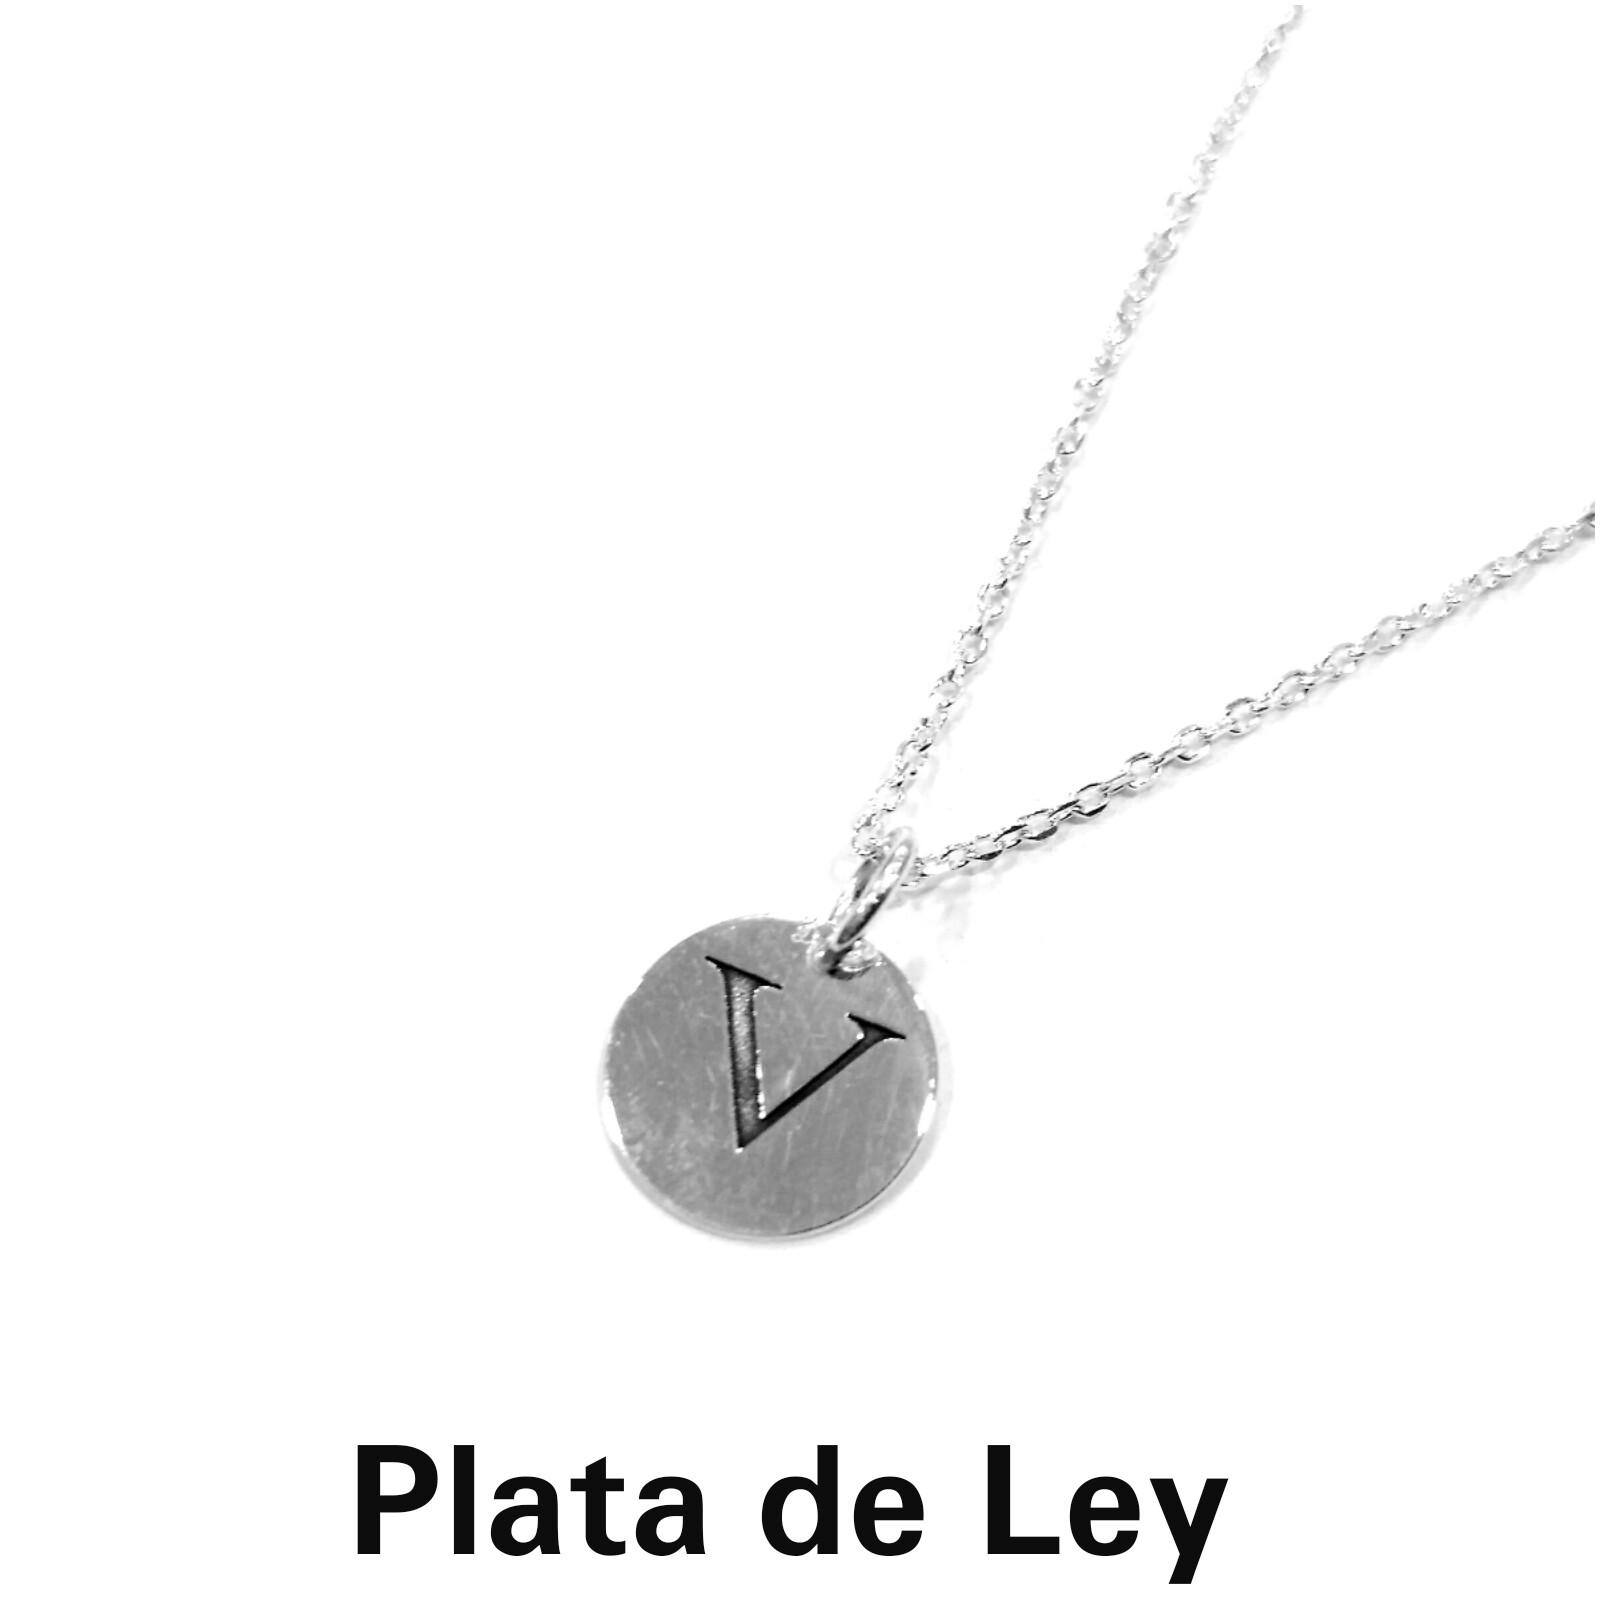 Colgante chapa plata letra V con cadena